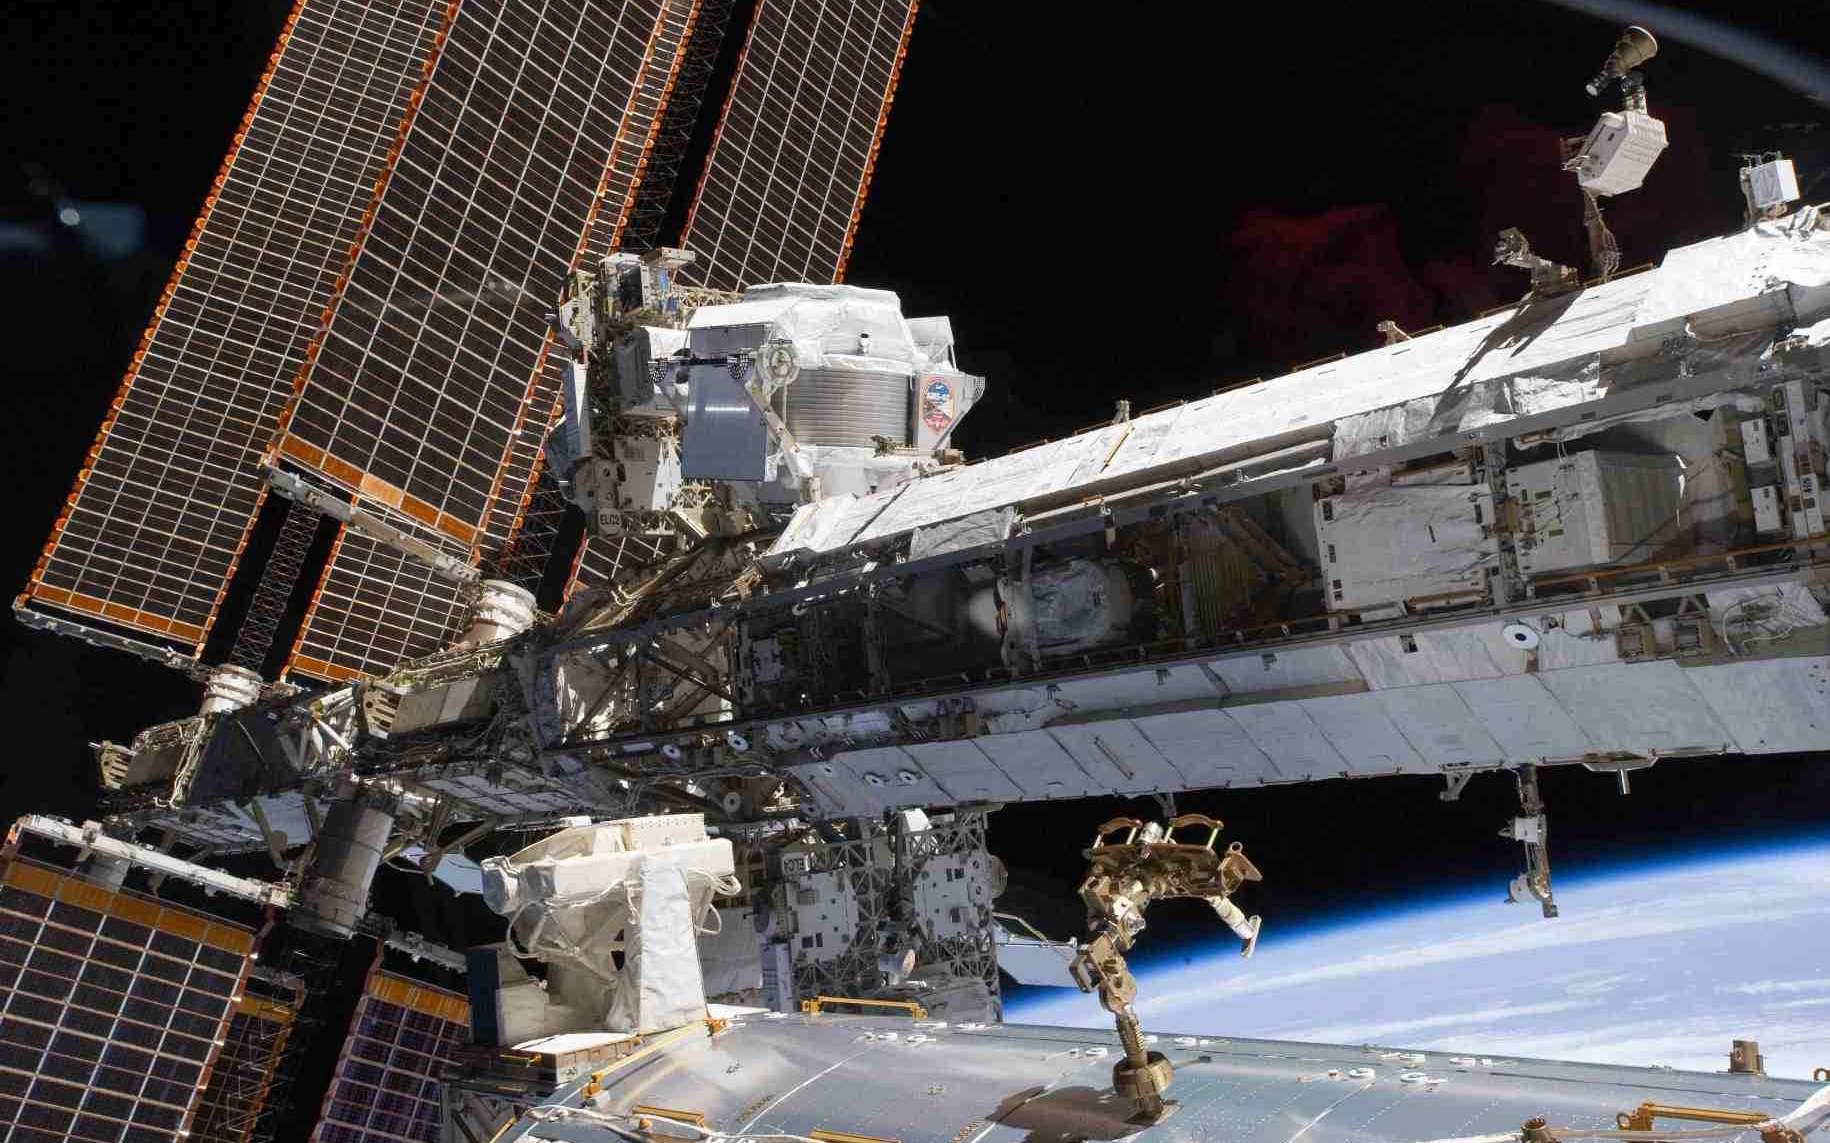 Une vue d'AMS-02 (devant les panneaux solaires, en haut) juste après son installation sur l'ISS. Il chasse la matière noire depuis 18 mois, et devrait encore le faire pendant plusieurs années. © Nasa